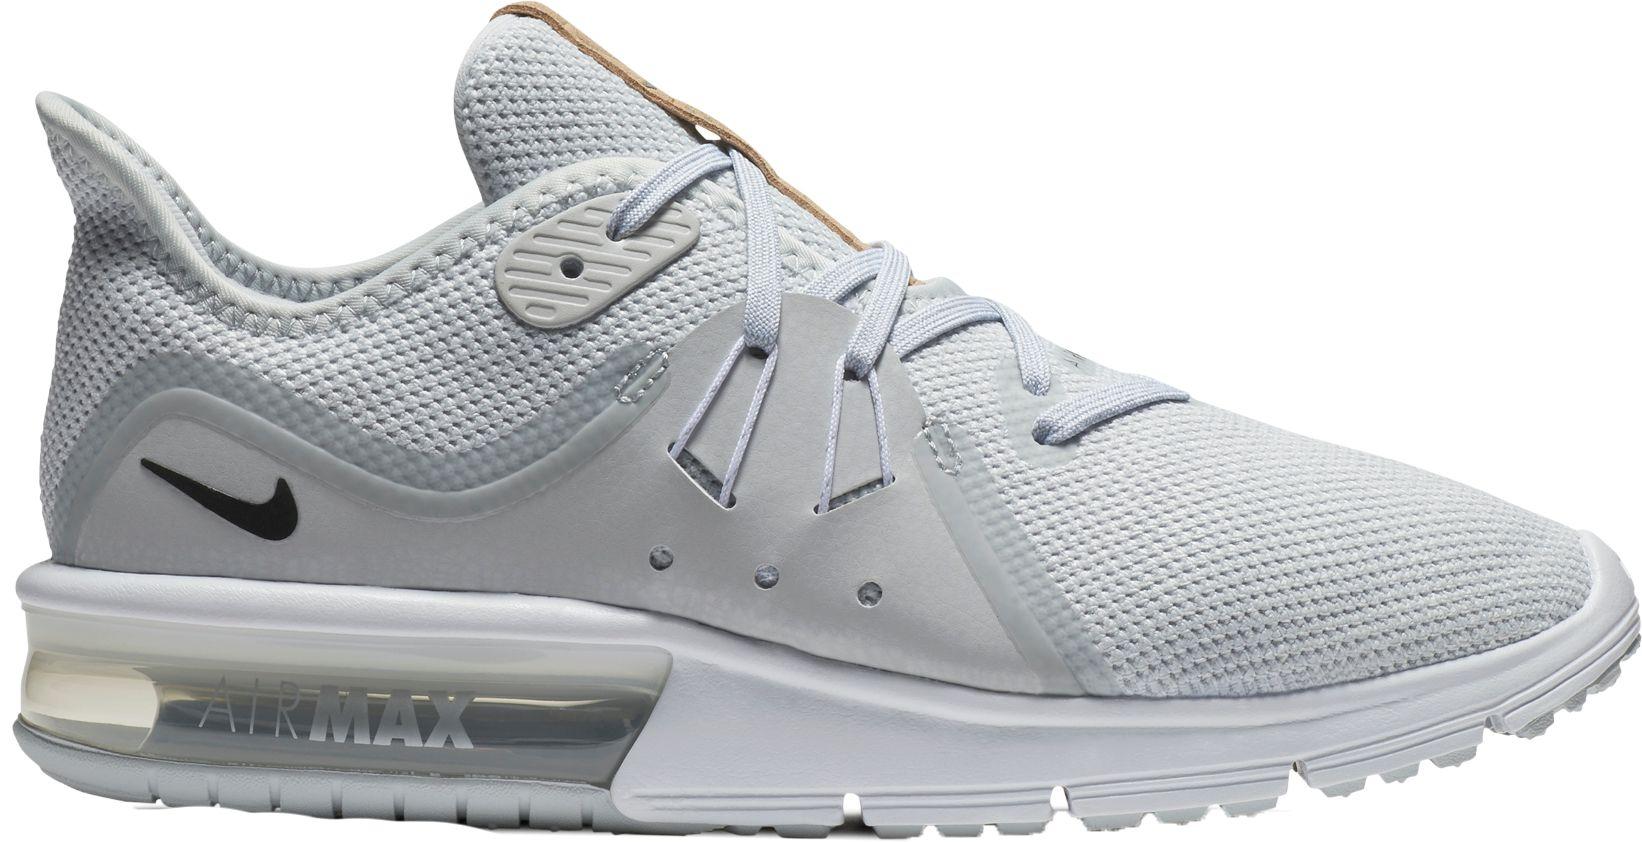 nike air max le successive 3 scarpe da corsa dick articoli sportivi